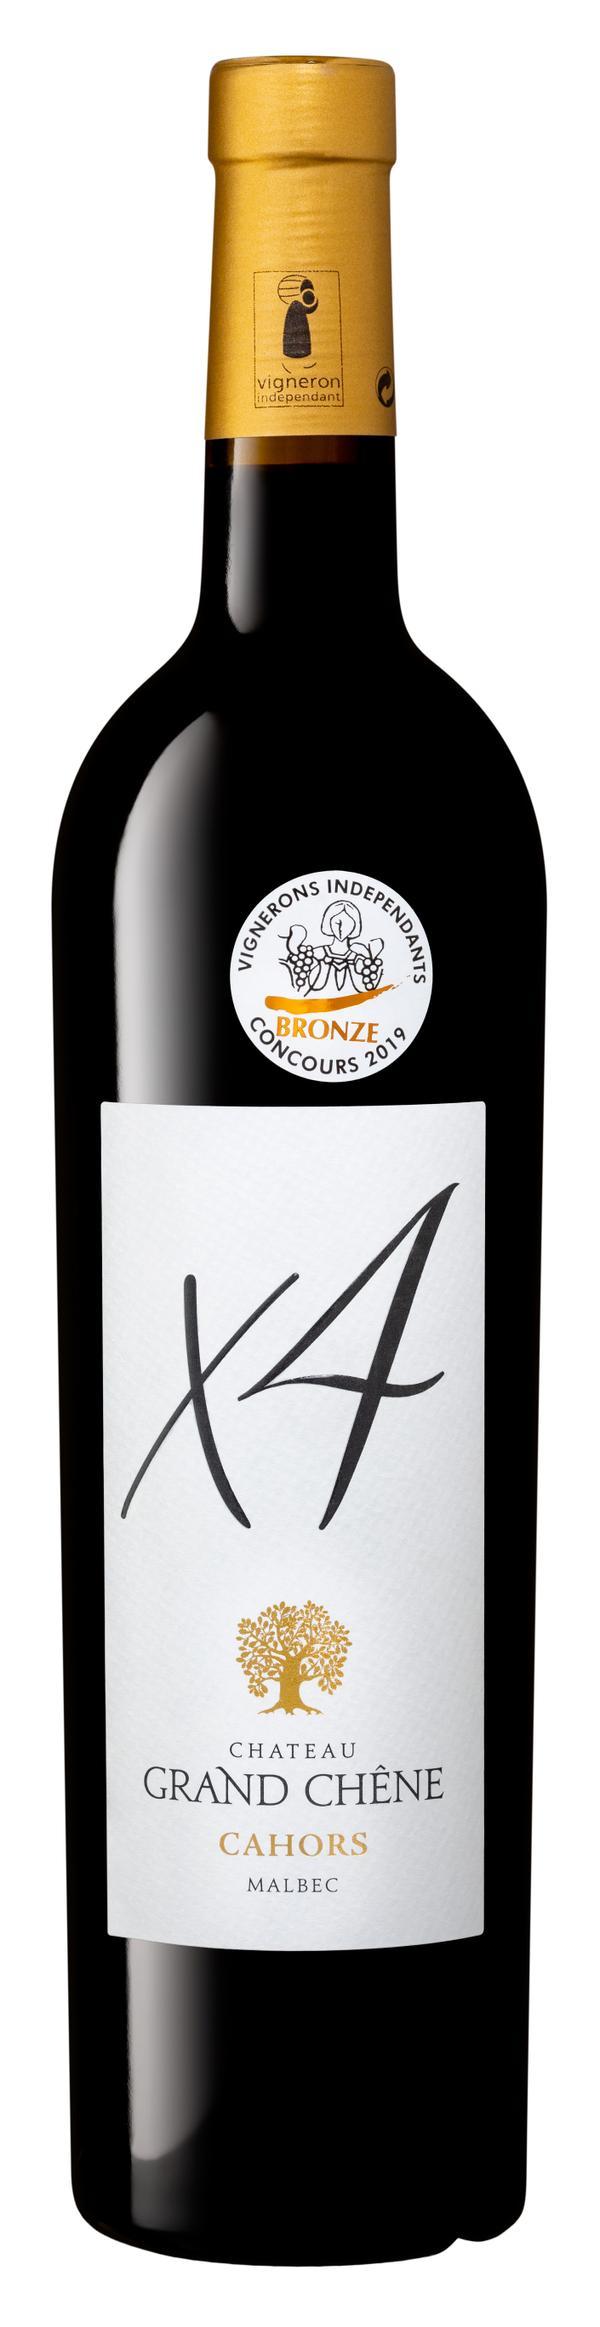 Château Grand Chêne vin rouge AOP Cahors 2018 cuvée X4 75 cl